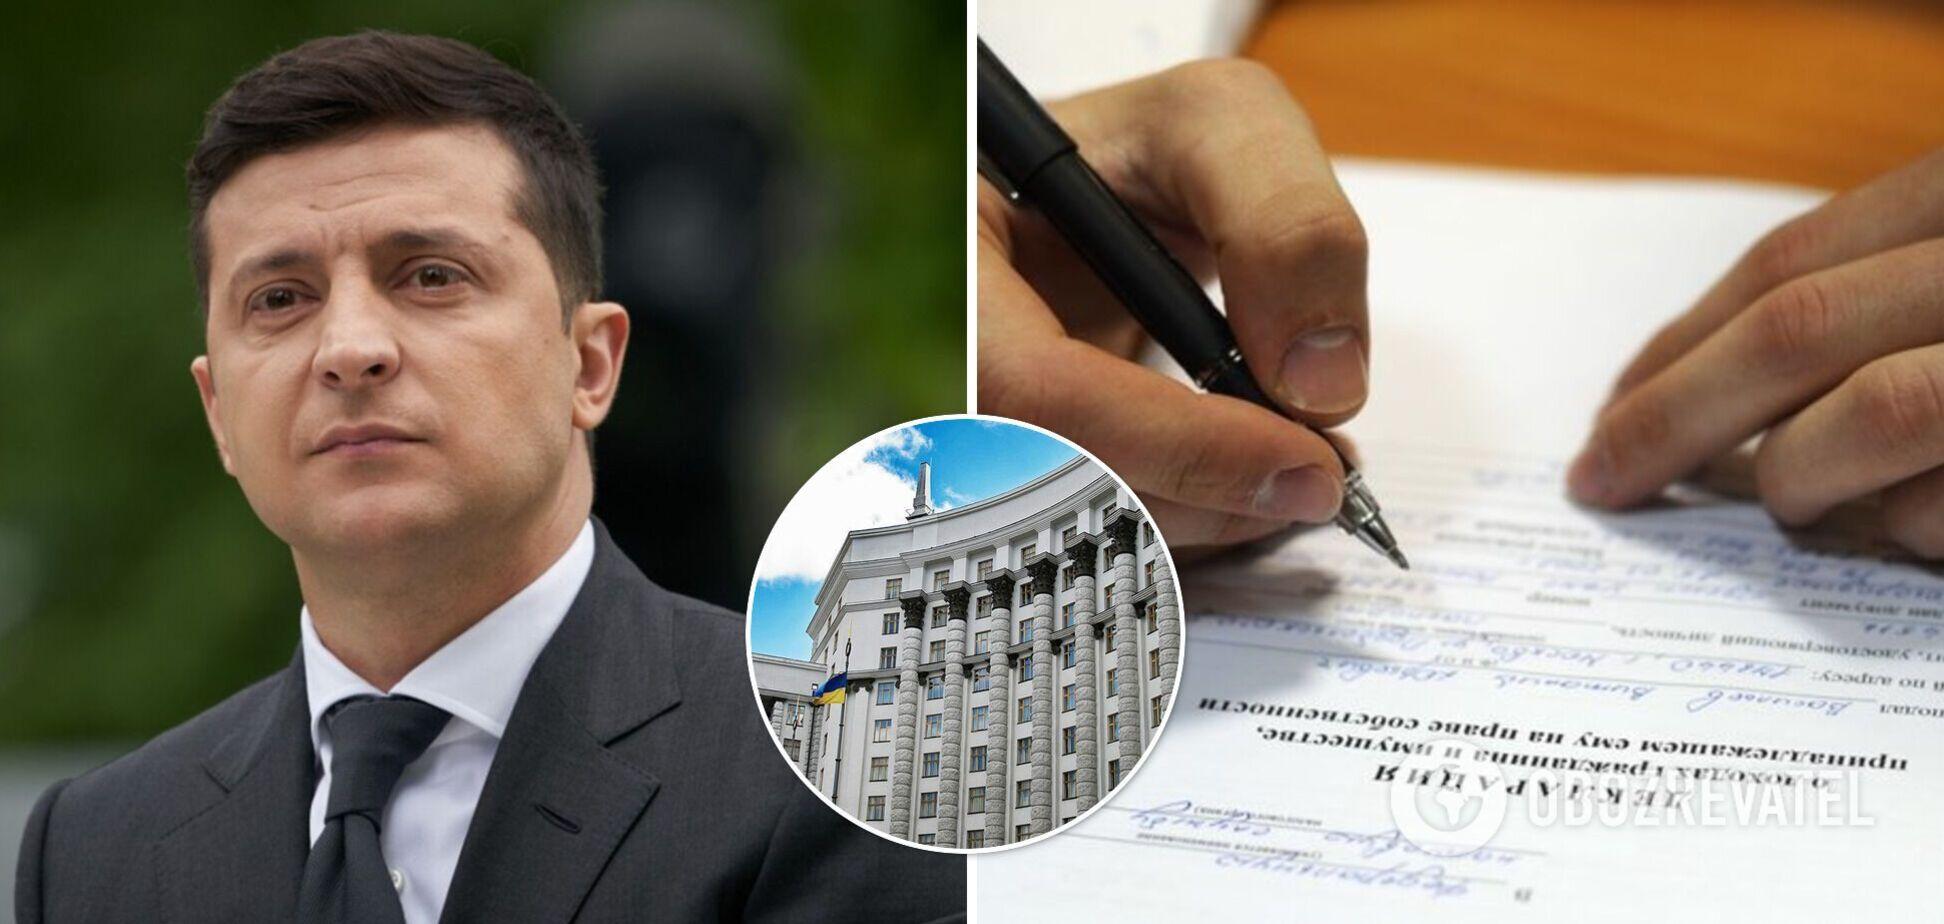 Зеленский подписал закон по изменениям в декларировании, но призвал Кабмин усовершенствовать процедуру